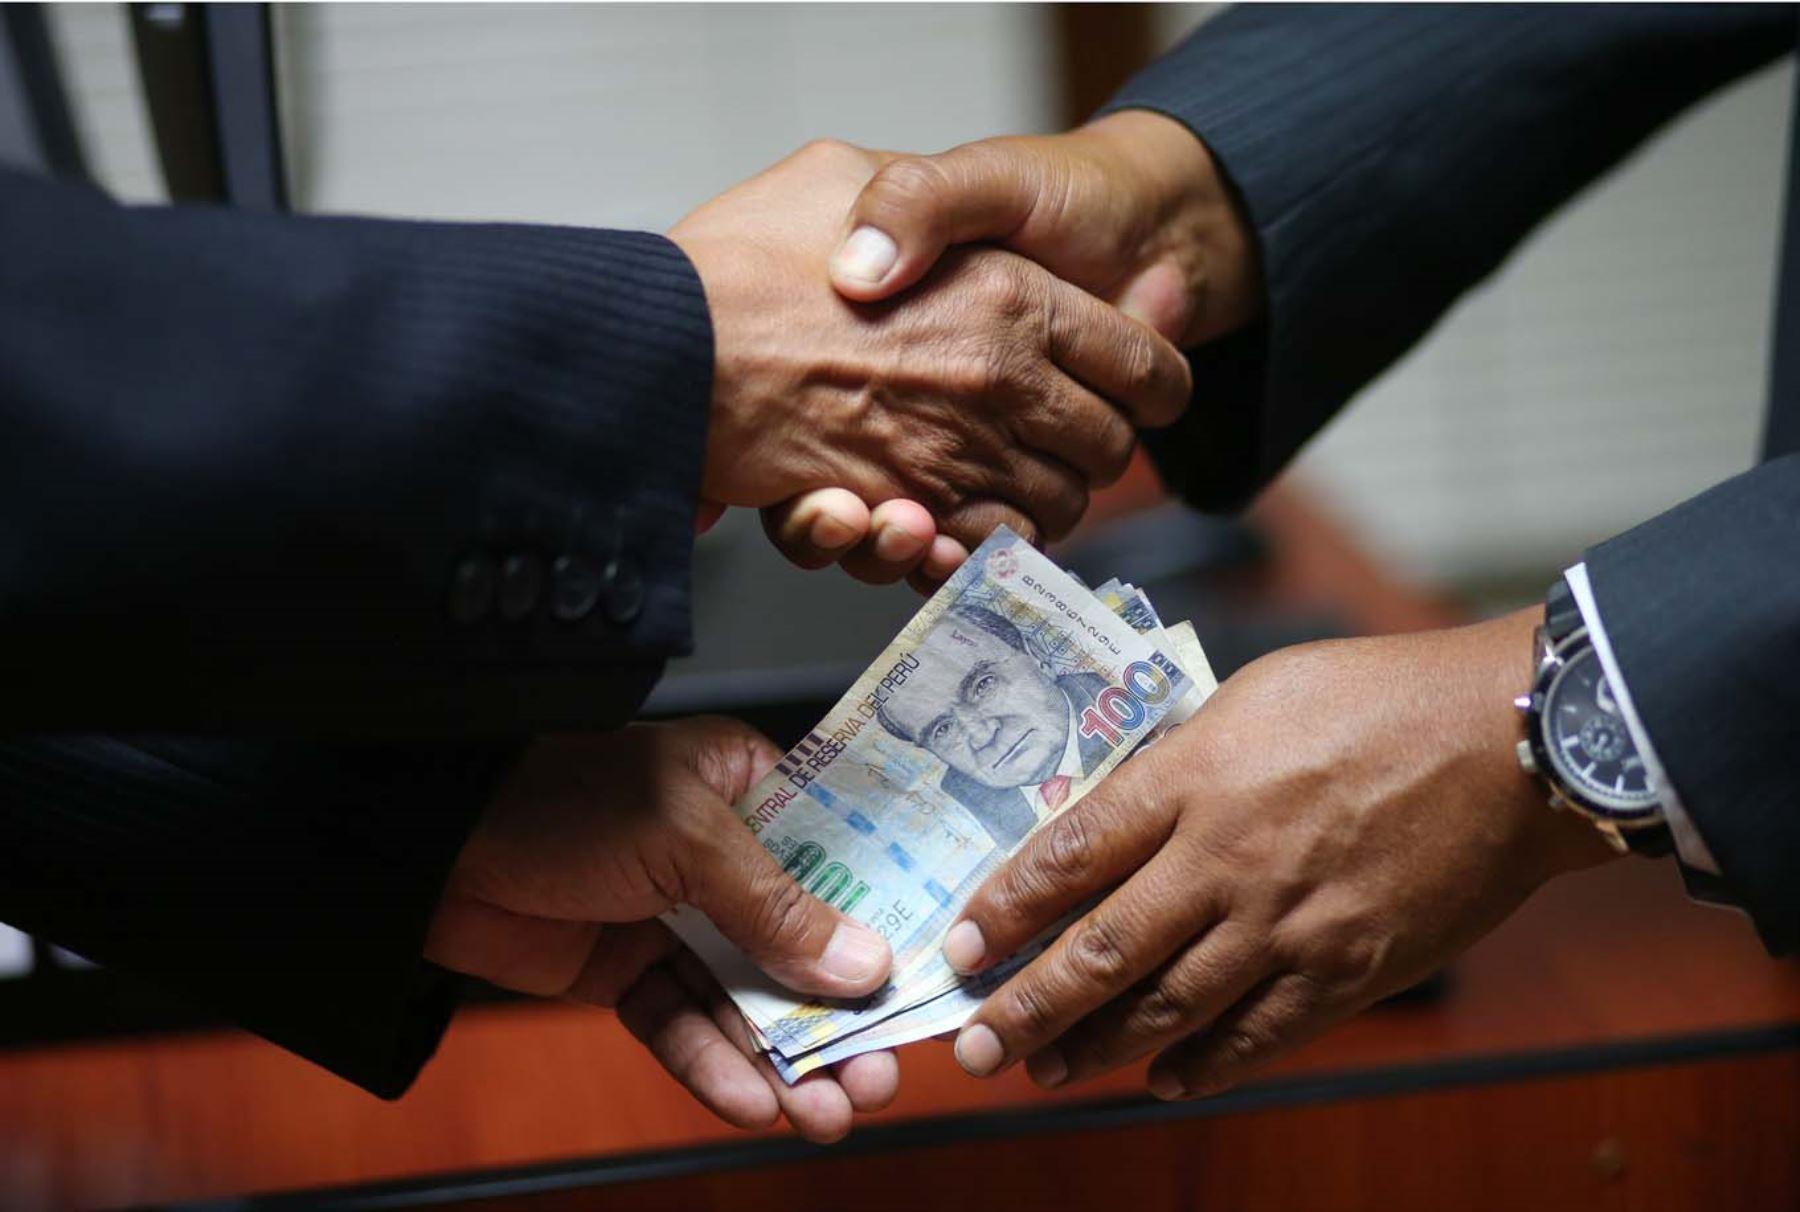 La corrupción afecta la moral de una población y no denunciarla significa convertirse en su cómplice, afirman especialistas. Foto: ANDINA/Eddy Ramos.